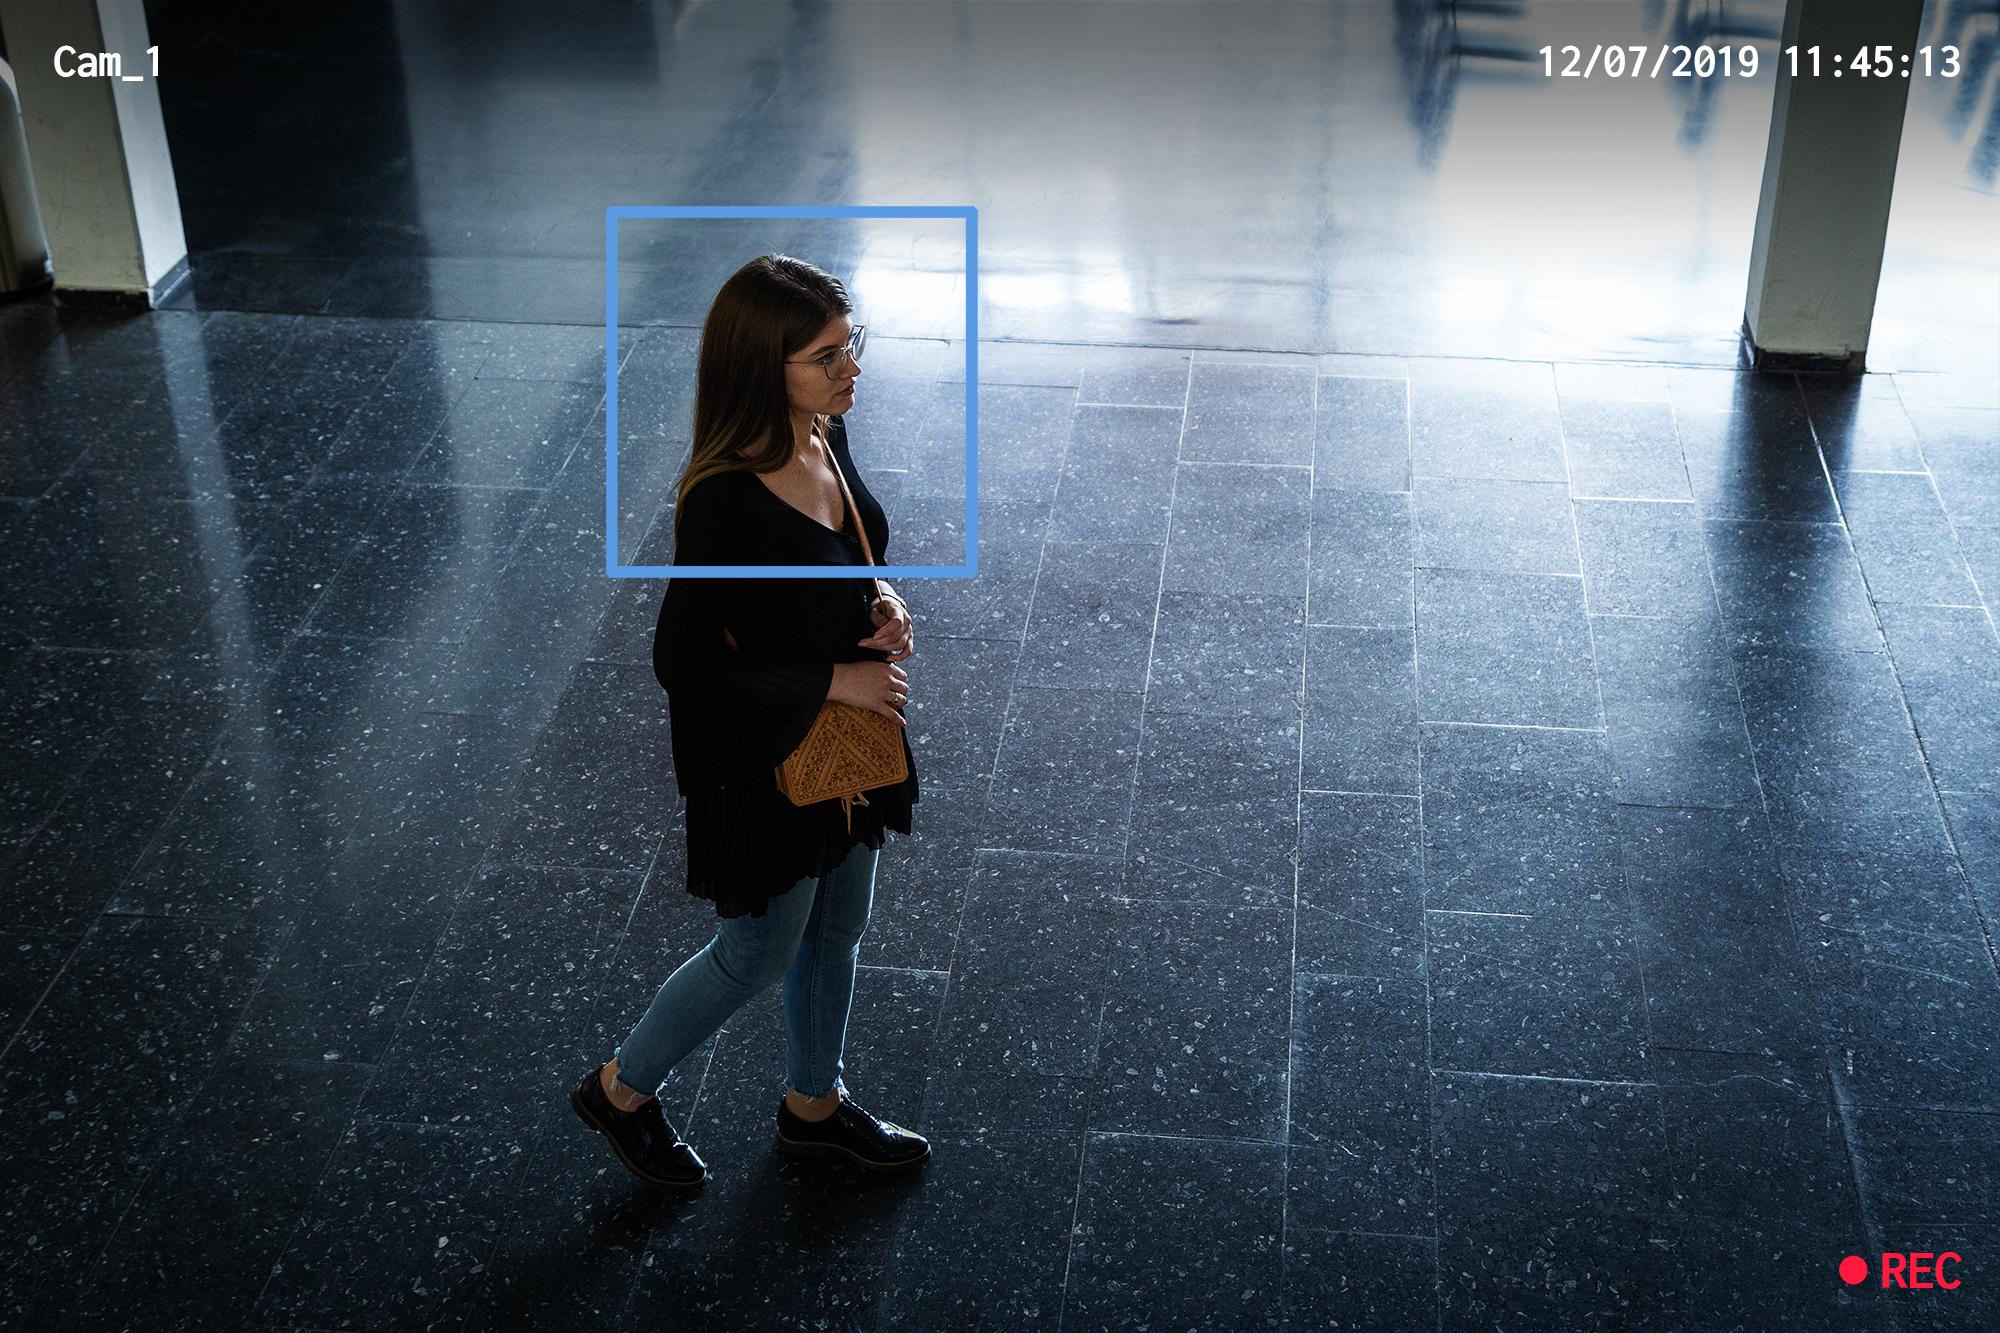 Eine Person die von links nach rechts durch ein Bild läuft und aus einer Überwachungskamera-Perspektive aufgenommen wird.